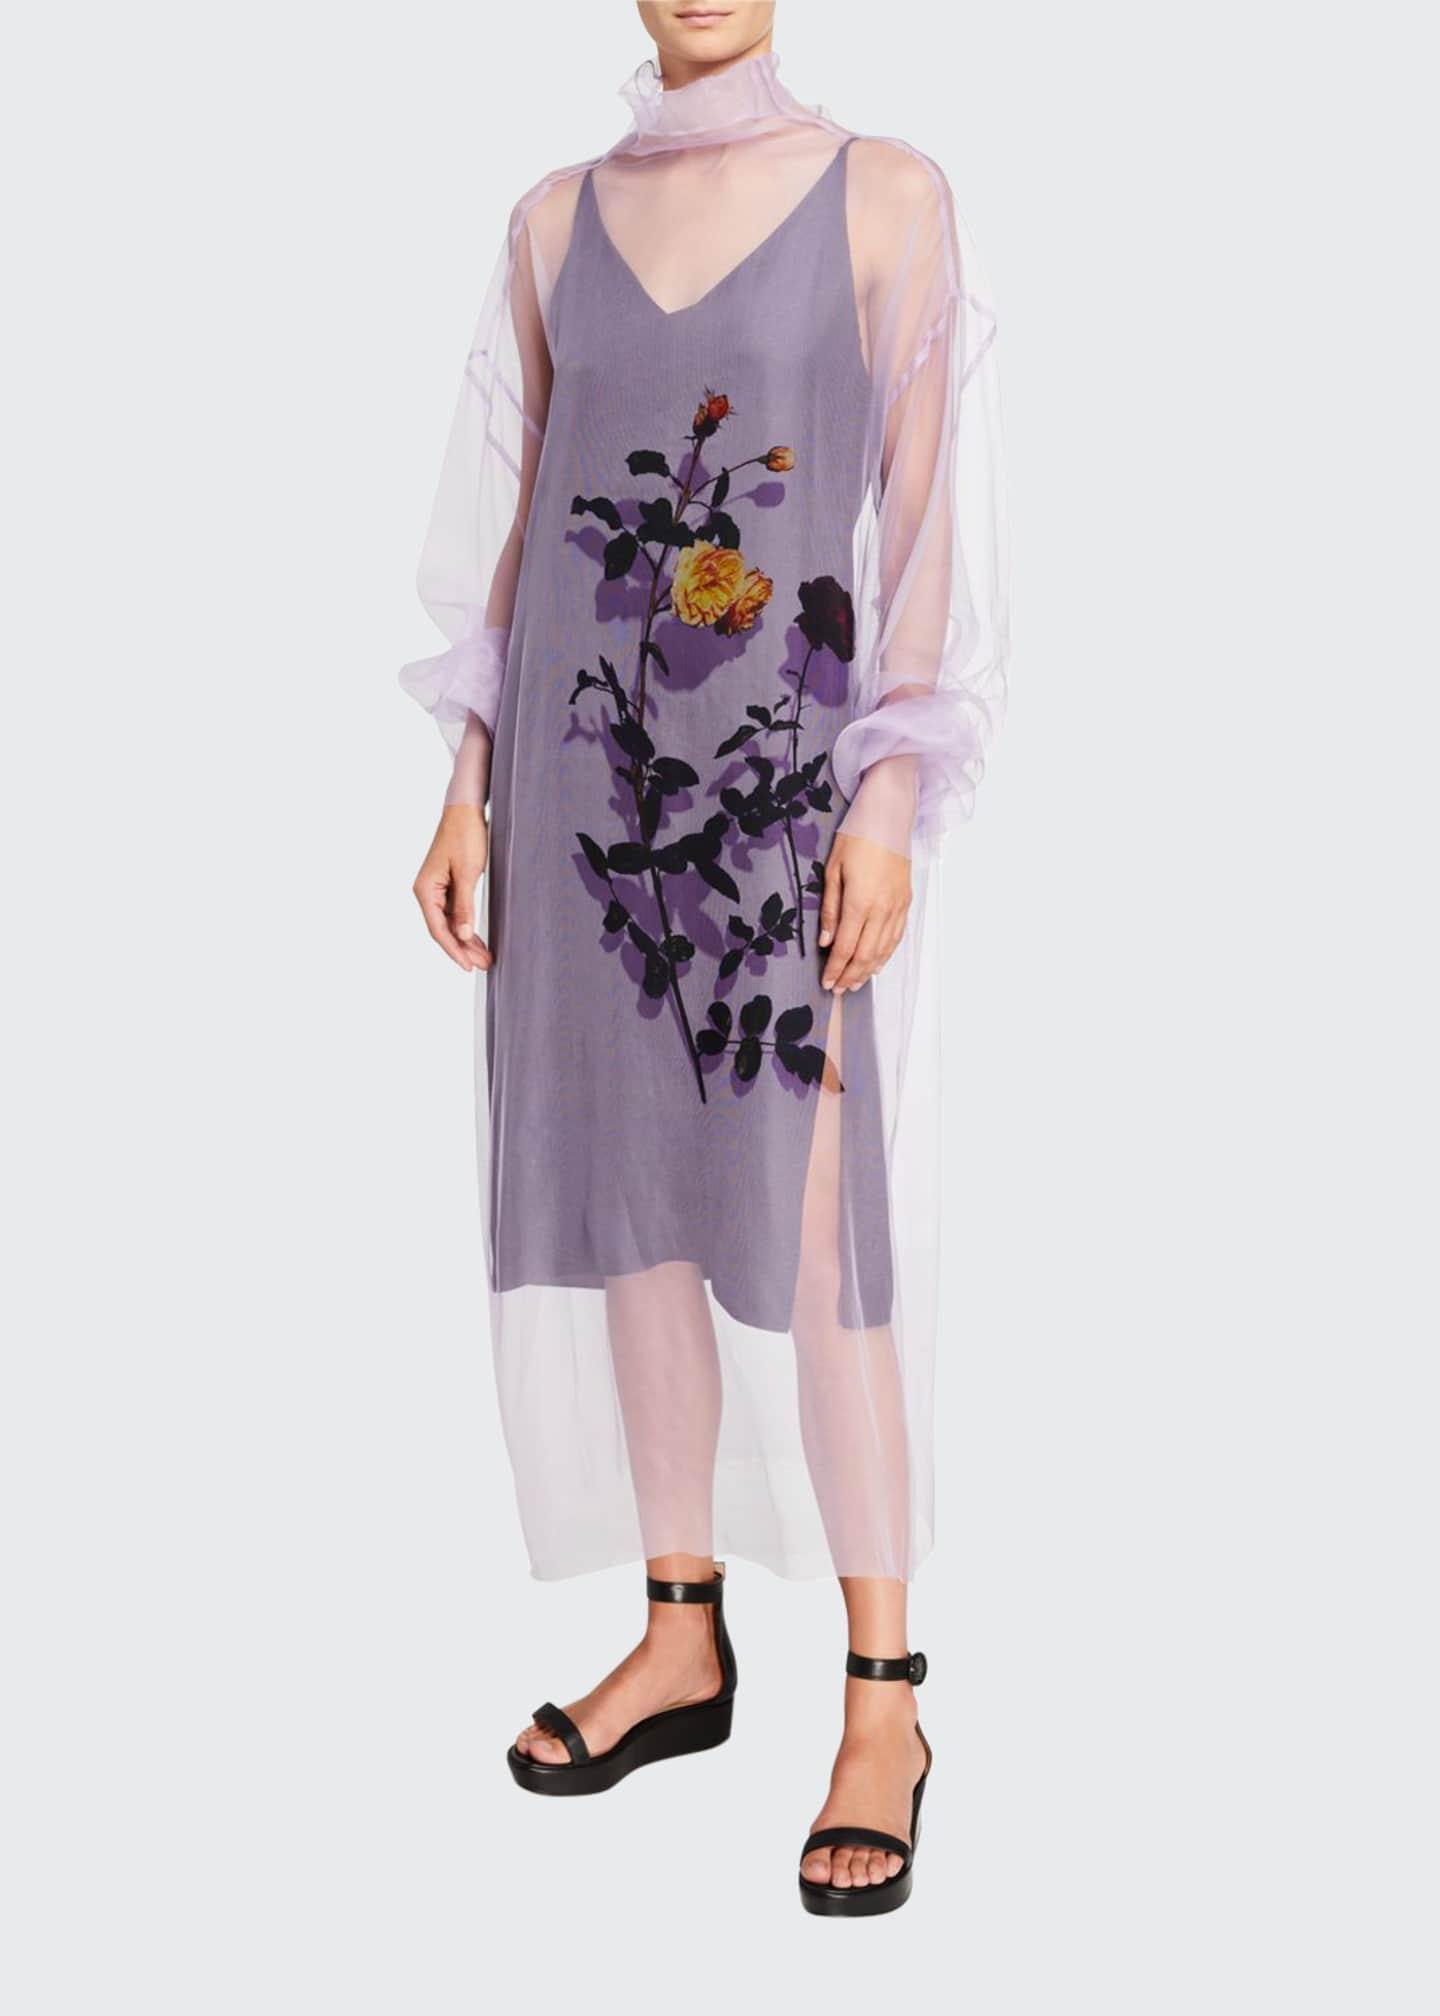 Dries Van Noten Floral Print Sheer Tulle Dress